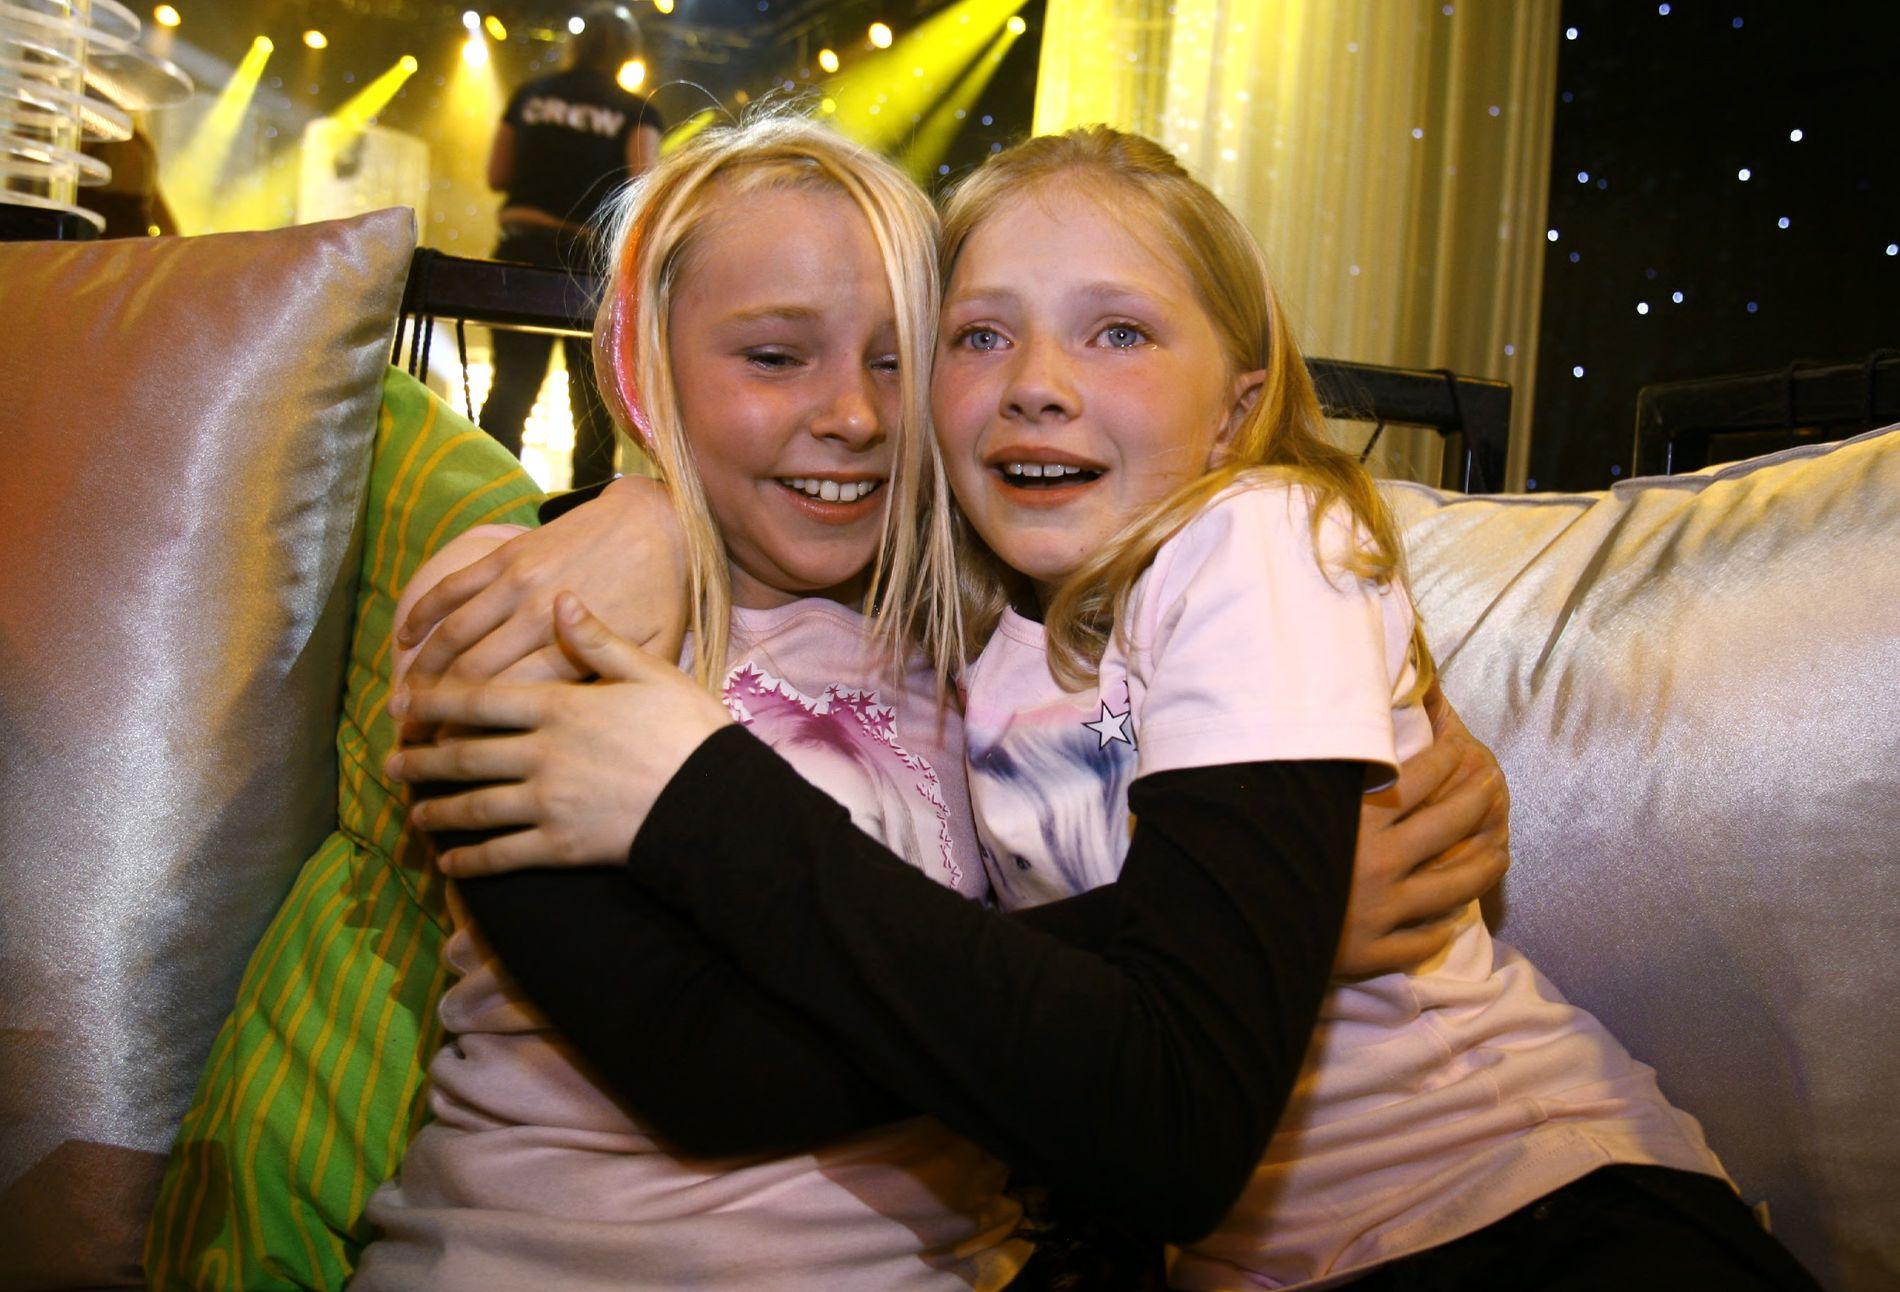 PÅ VINNERLAGET: Astrid Smeplass (t.h.) var den Celine Helgemo sang om da hun vant MGP Jr. med sangen «Bæstevænna» i 2007.